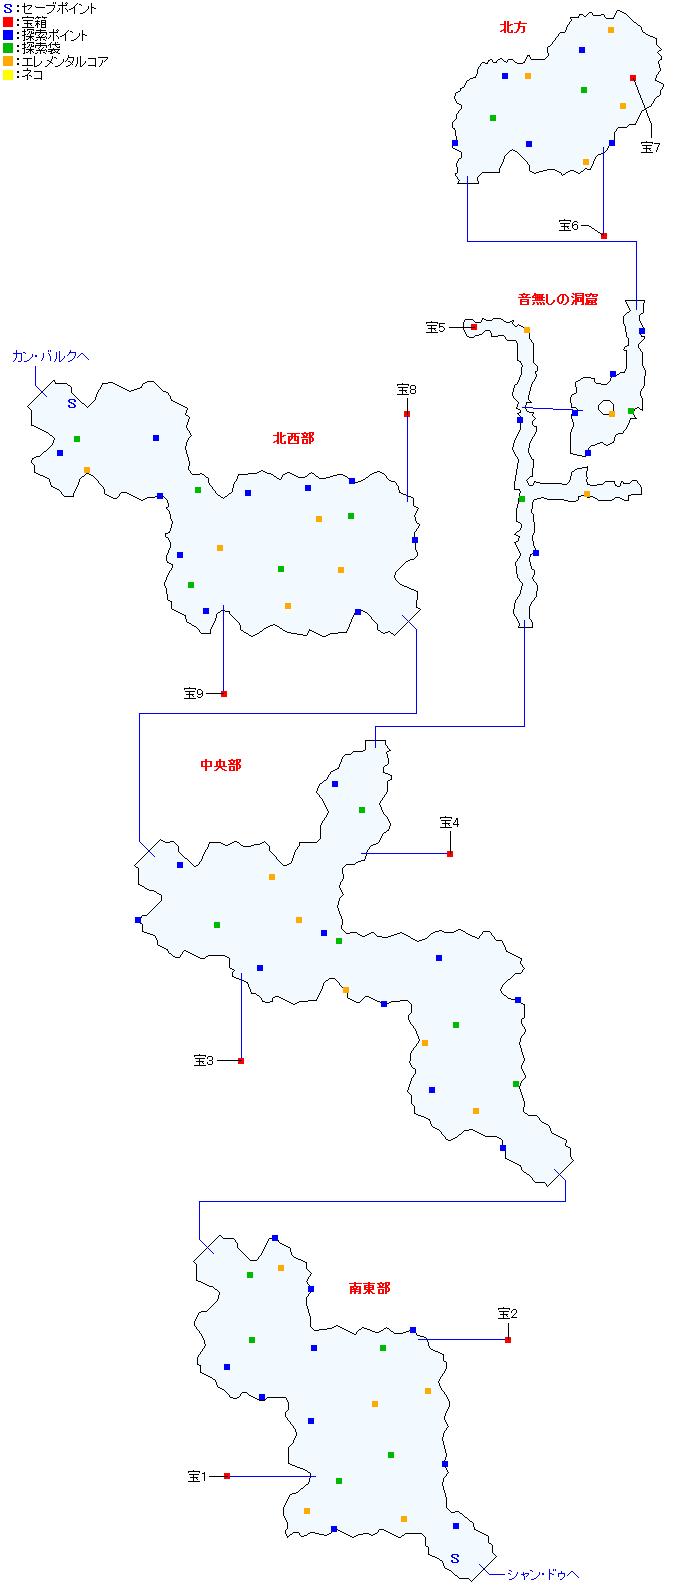 マップ画像・モン高原(分史世界・ガイアスエピソード2)